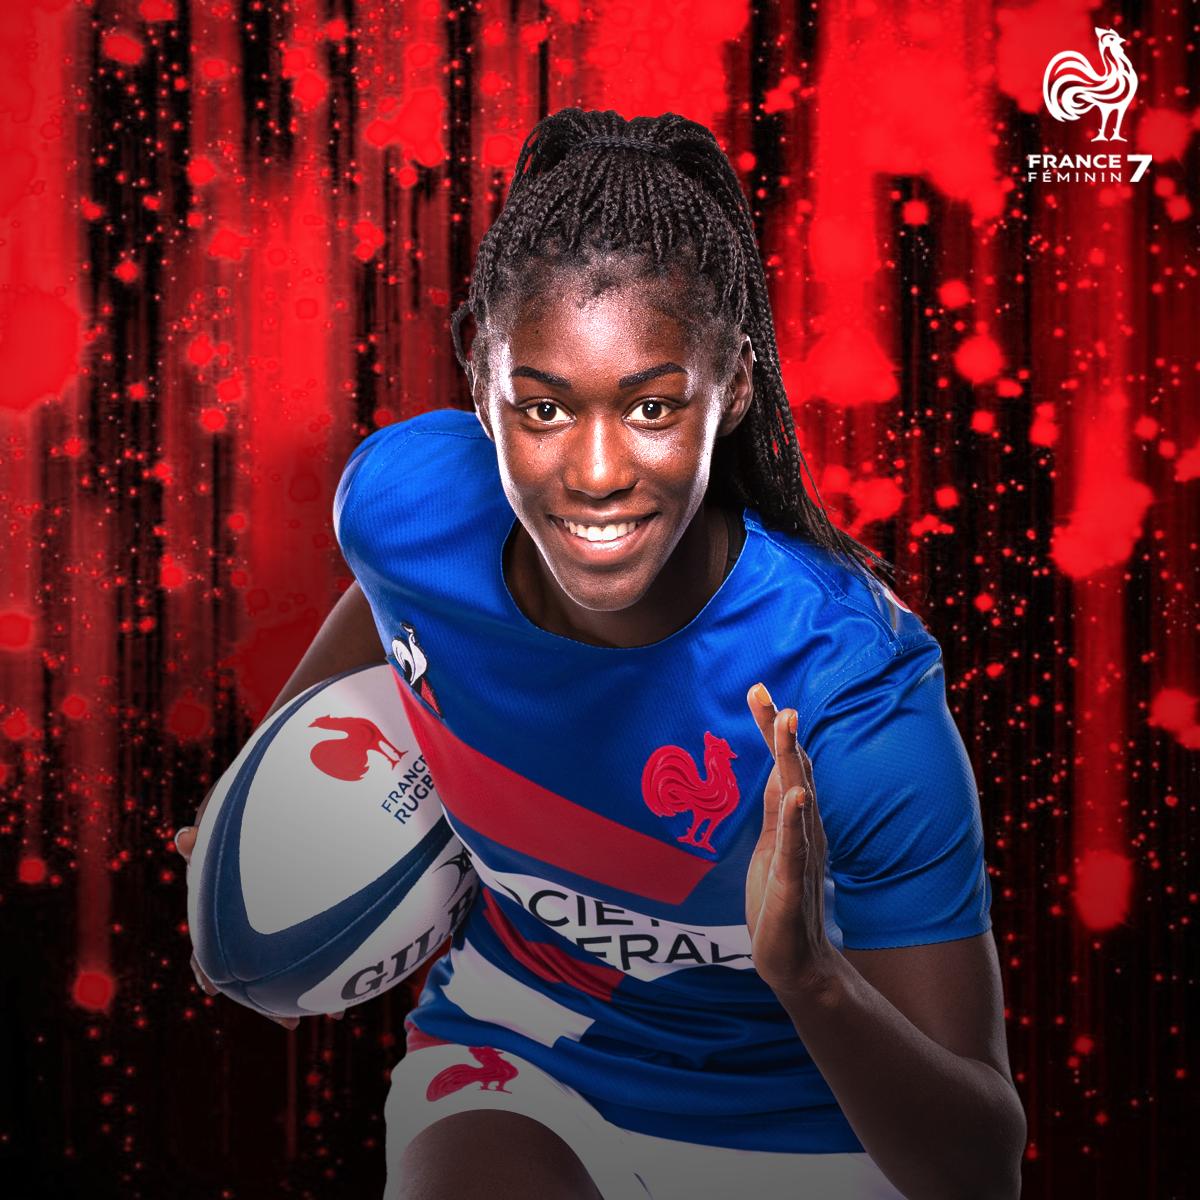 🎂 Notre joueuse de #France7 fête aujourdhui ses 21 ans ! Joyeux anniversaire @nassira_konde ! 😘